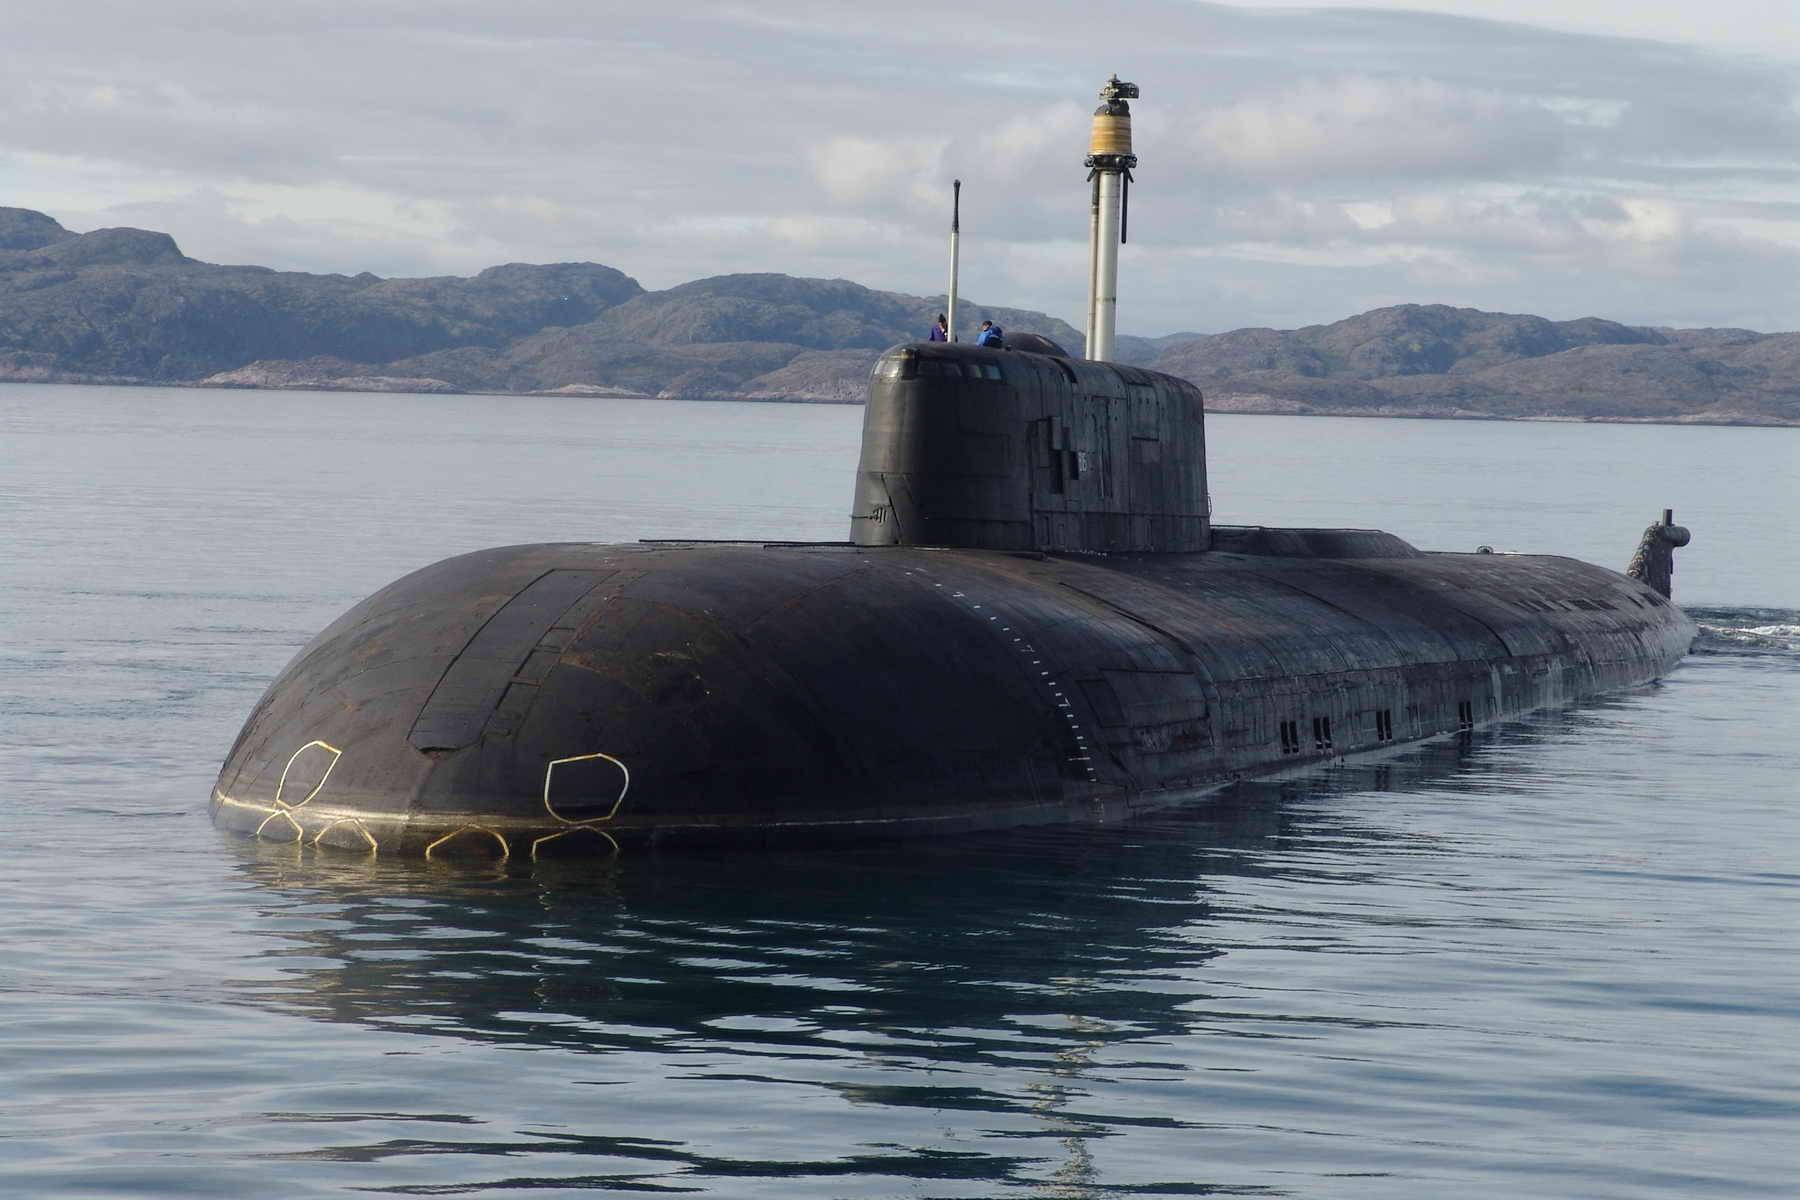 В Северодвинске затапливают док с горящей атомной подводной лодкой